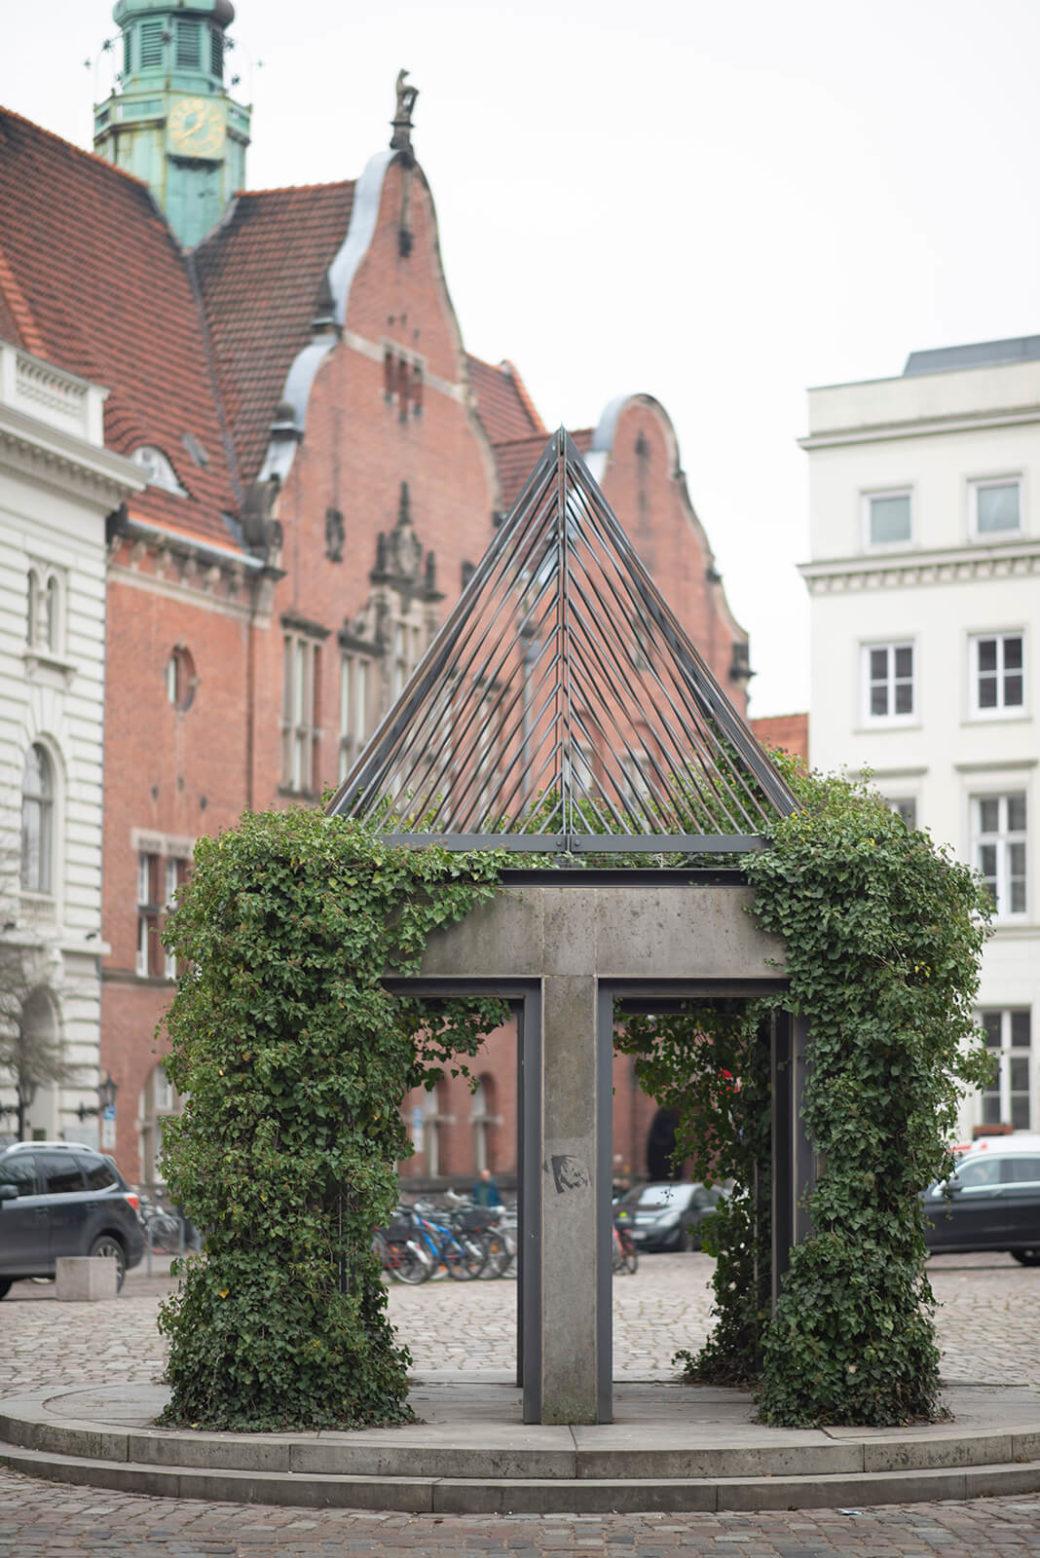 Architekten Meyer Fleckenstein: Brunnen Sod und Gerichtslaube Burrecht (Foto: KUNST@SH/Jan Petersen, 2019)